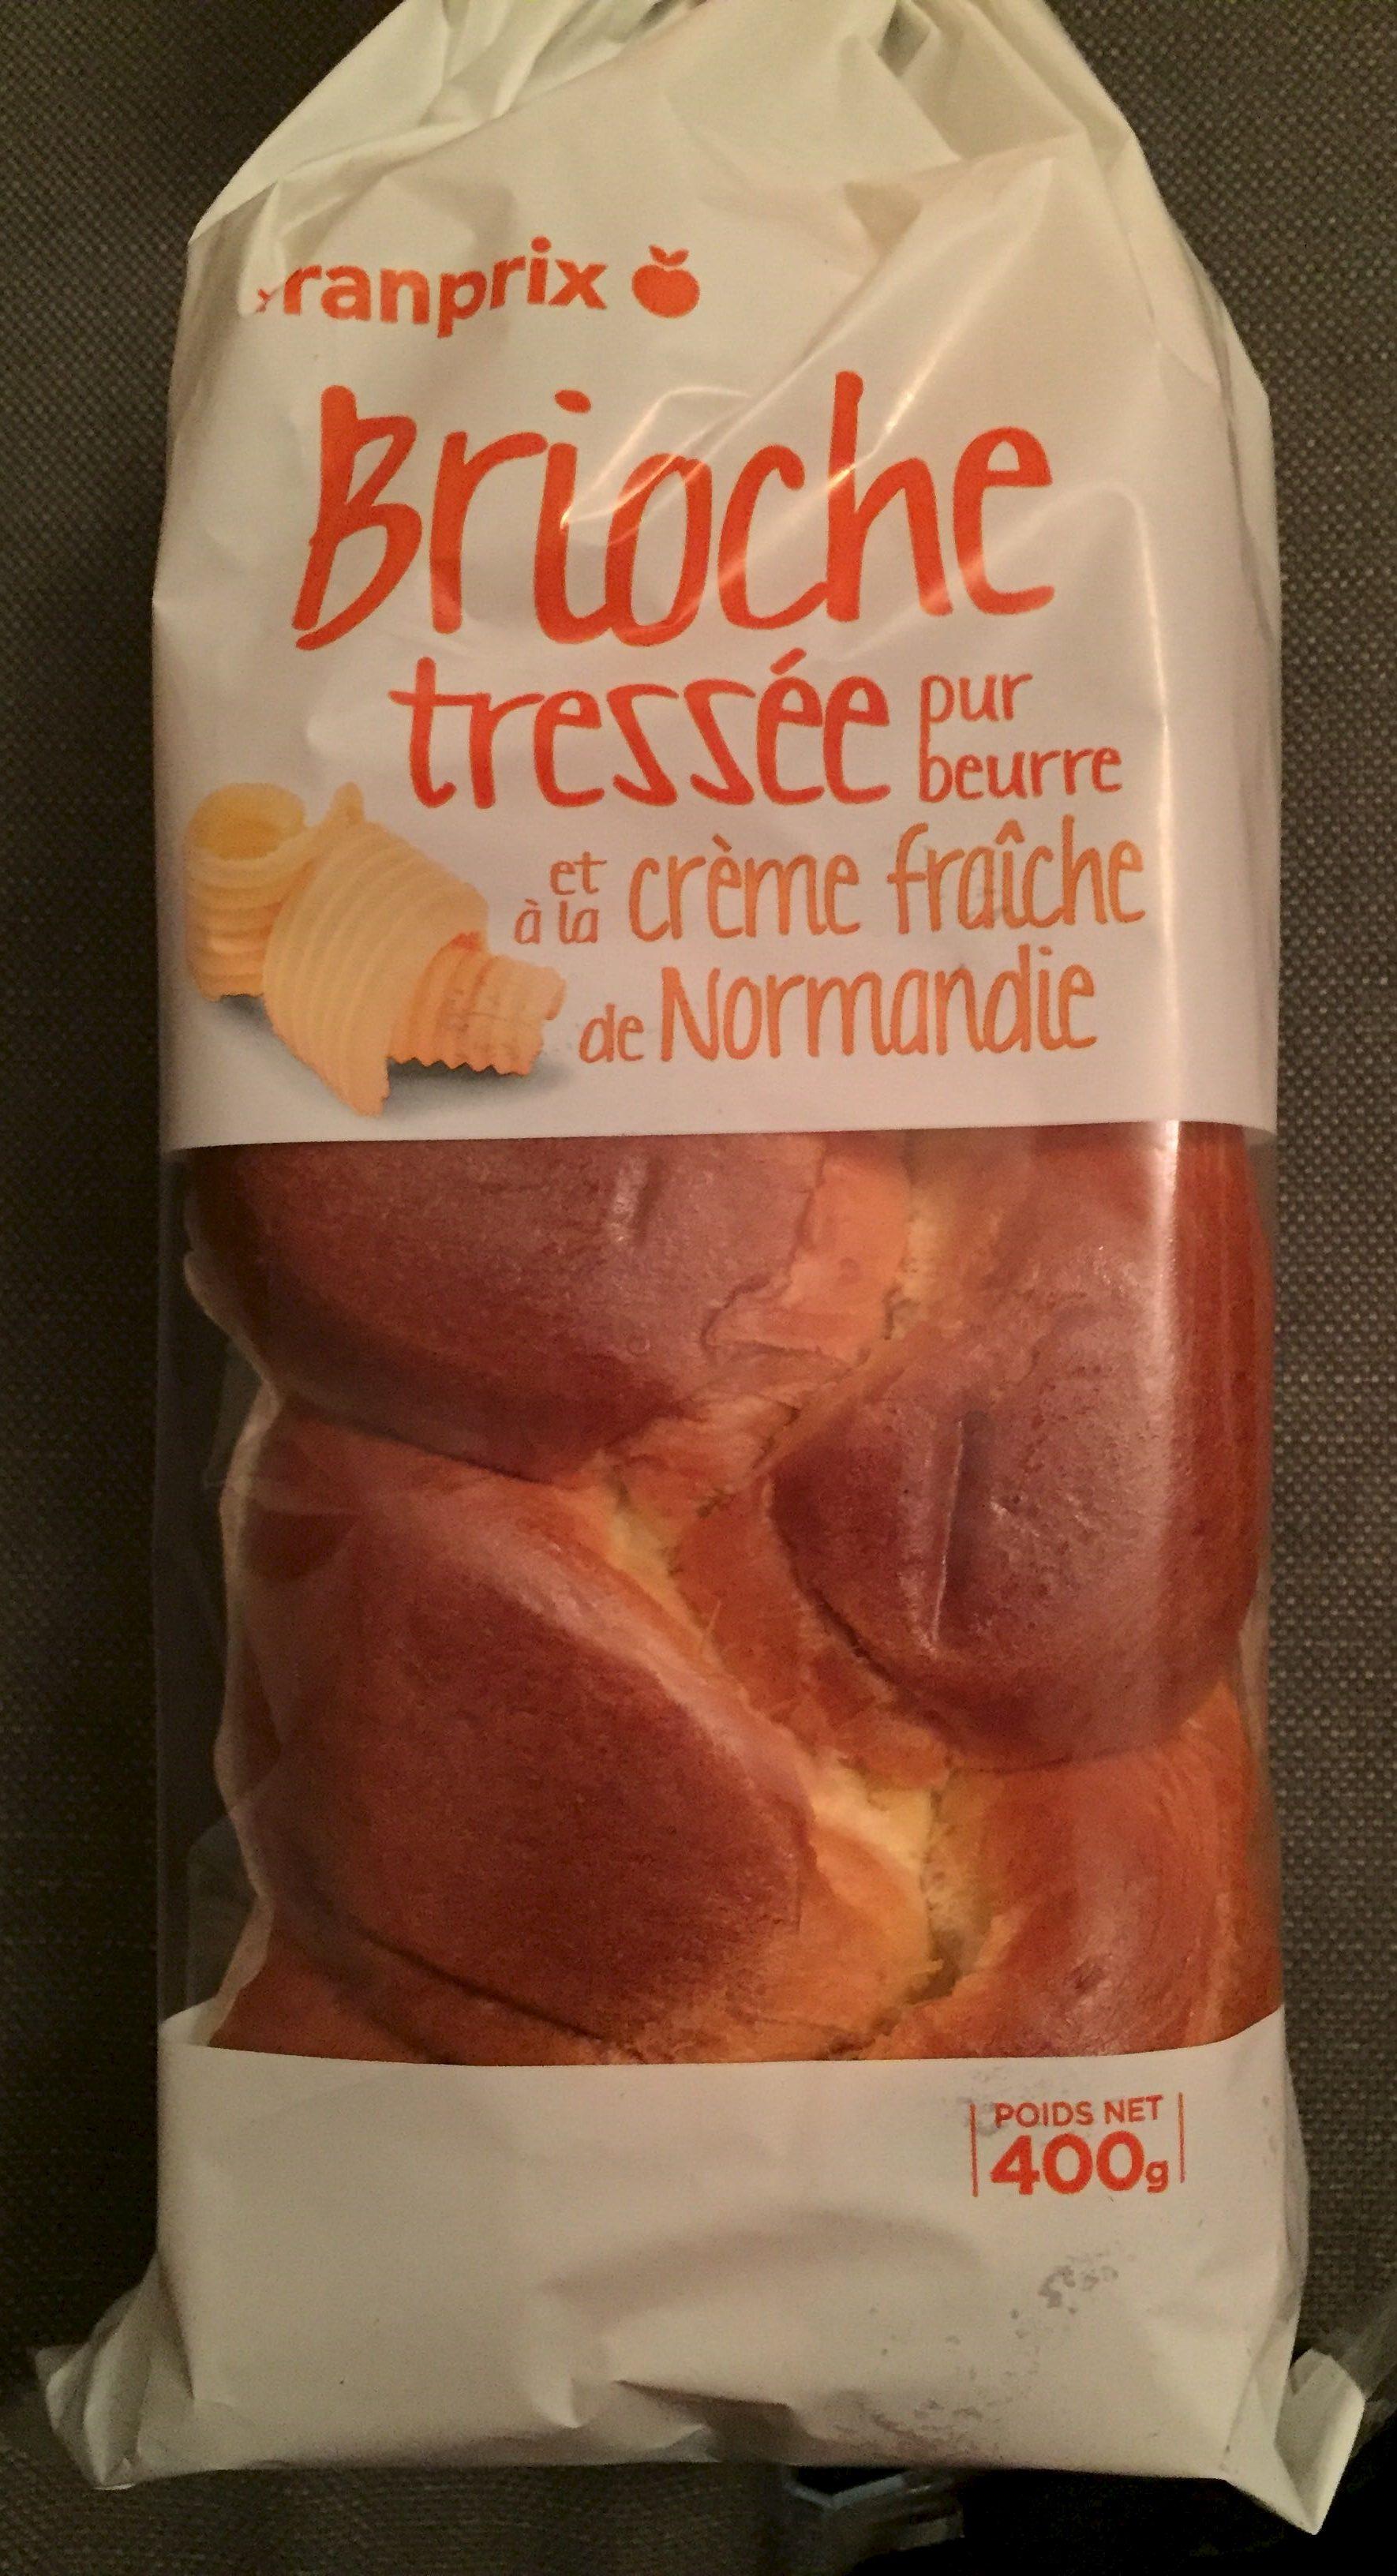 Brioche Tressée Pur Beurre et à la Crème Fraîche de Normandie - Produit - fr